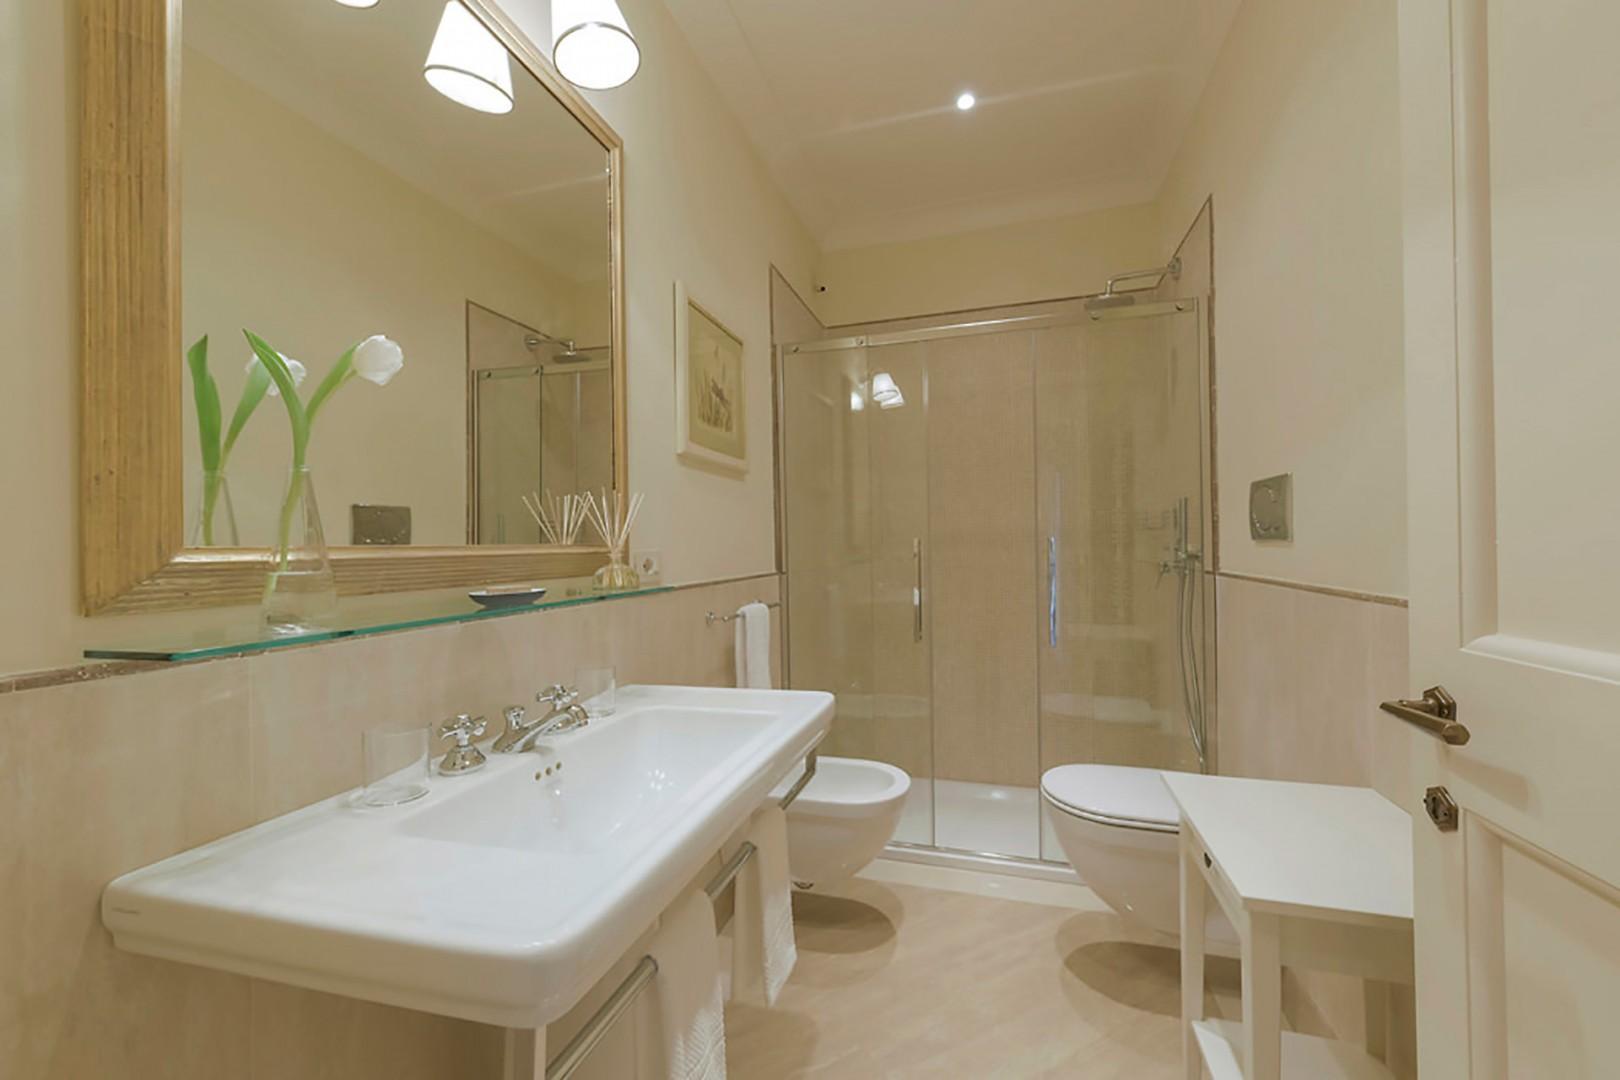 En suite bathroom to bedroom 2 with toilet, sink, shower and bidet.